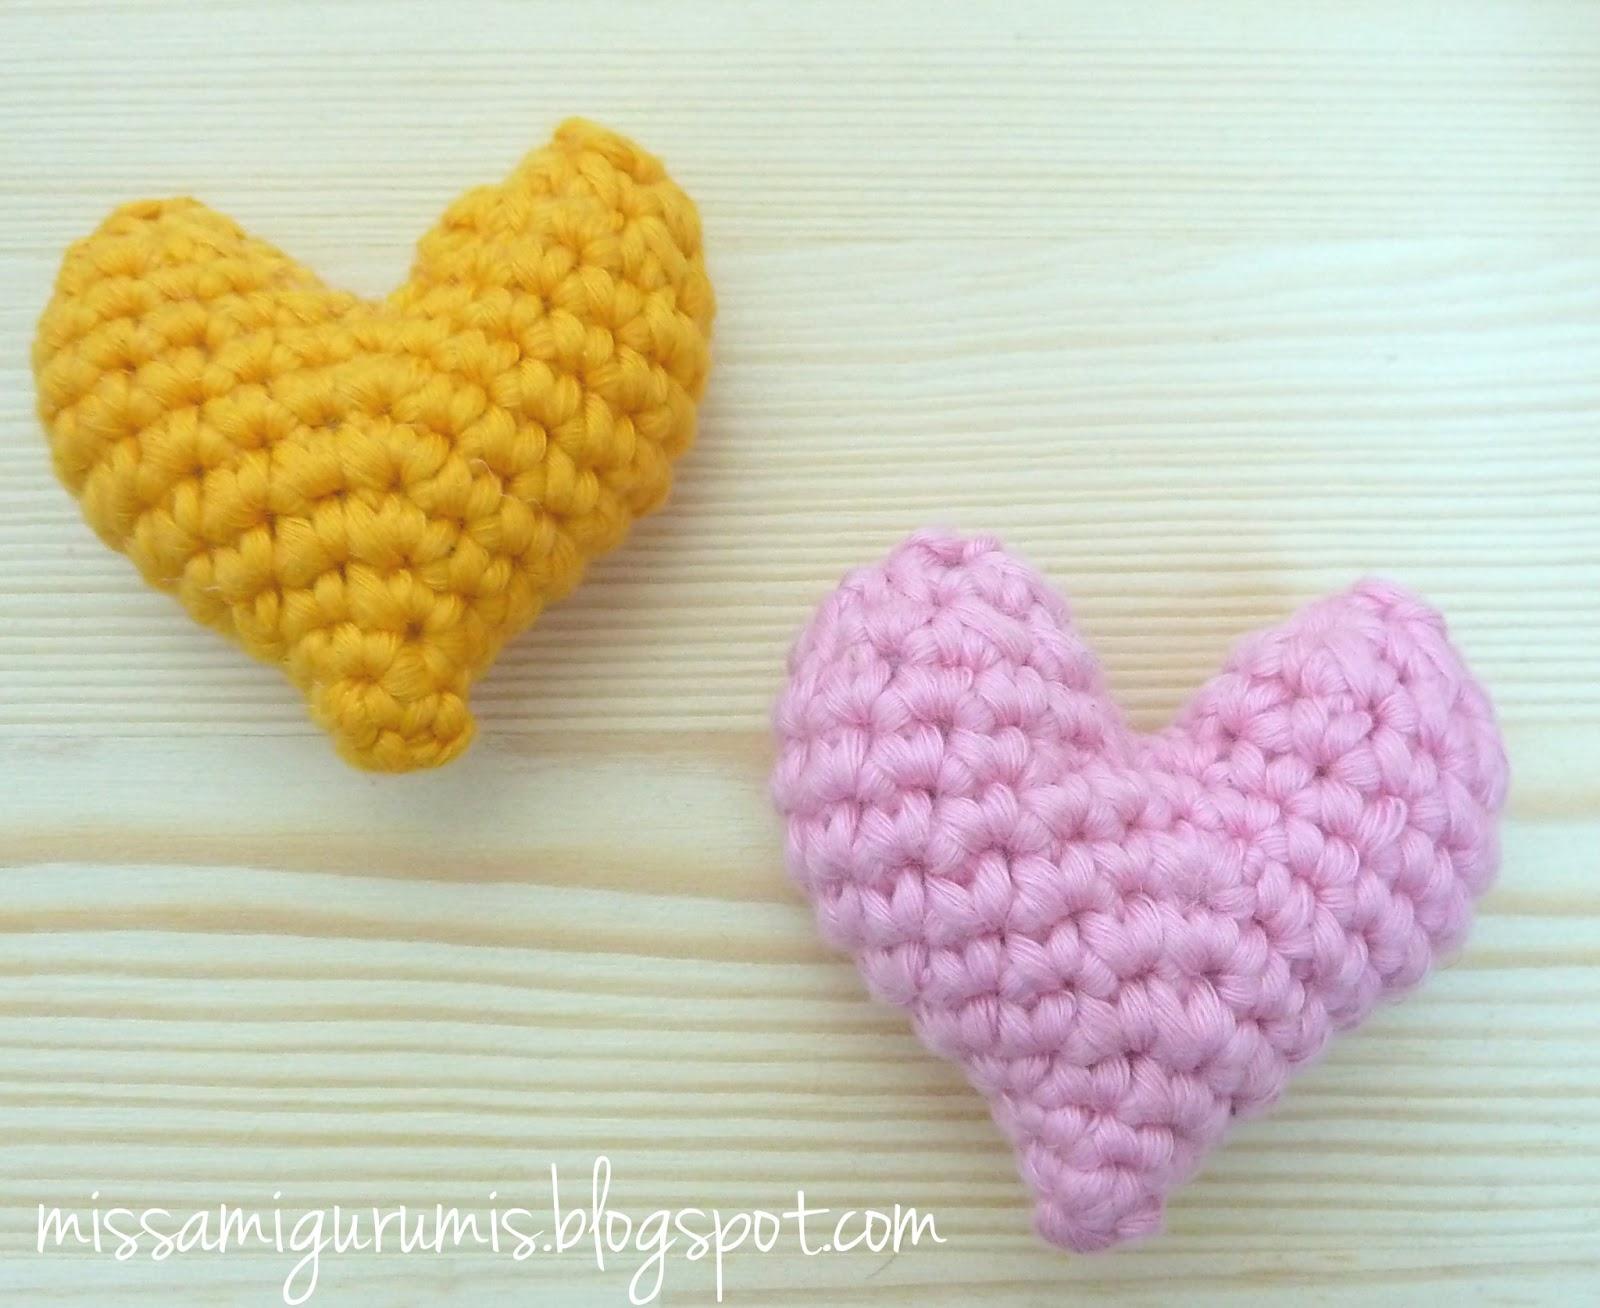 Amigurumi Corazon : Miss Amigurumis: Tutorial: Como tejer un corazon amigurumi